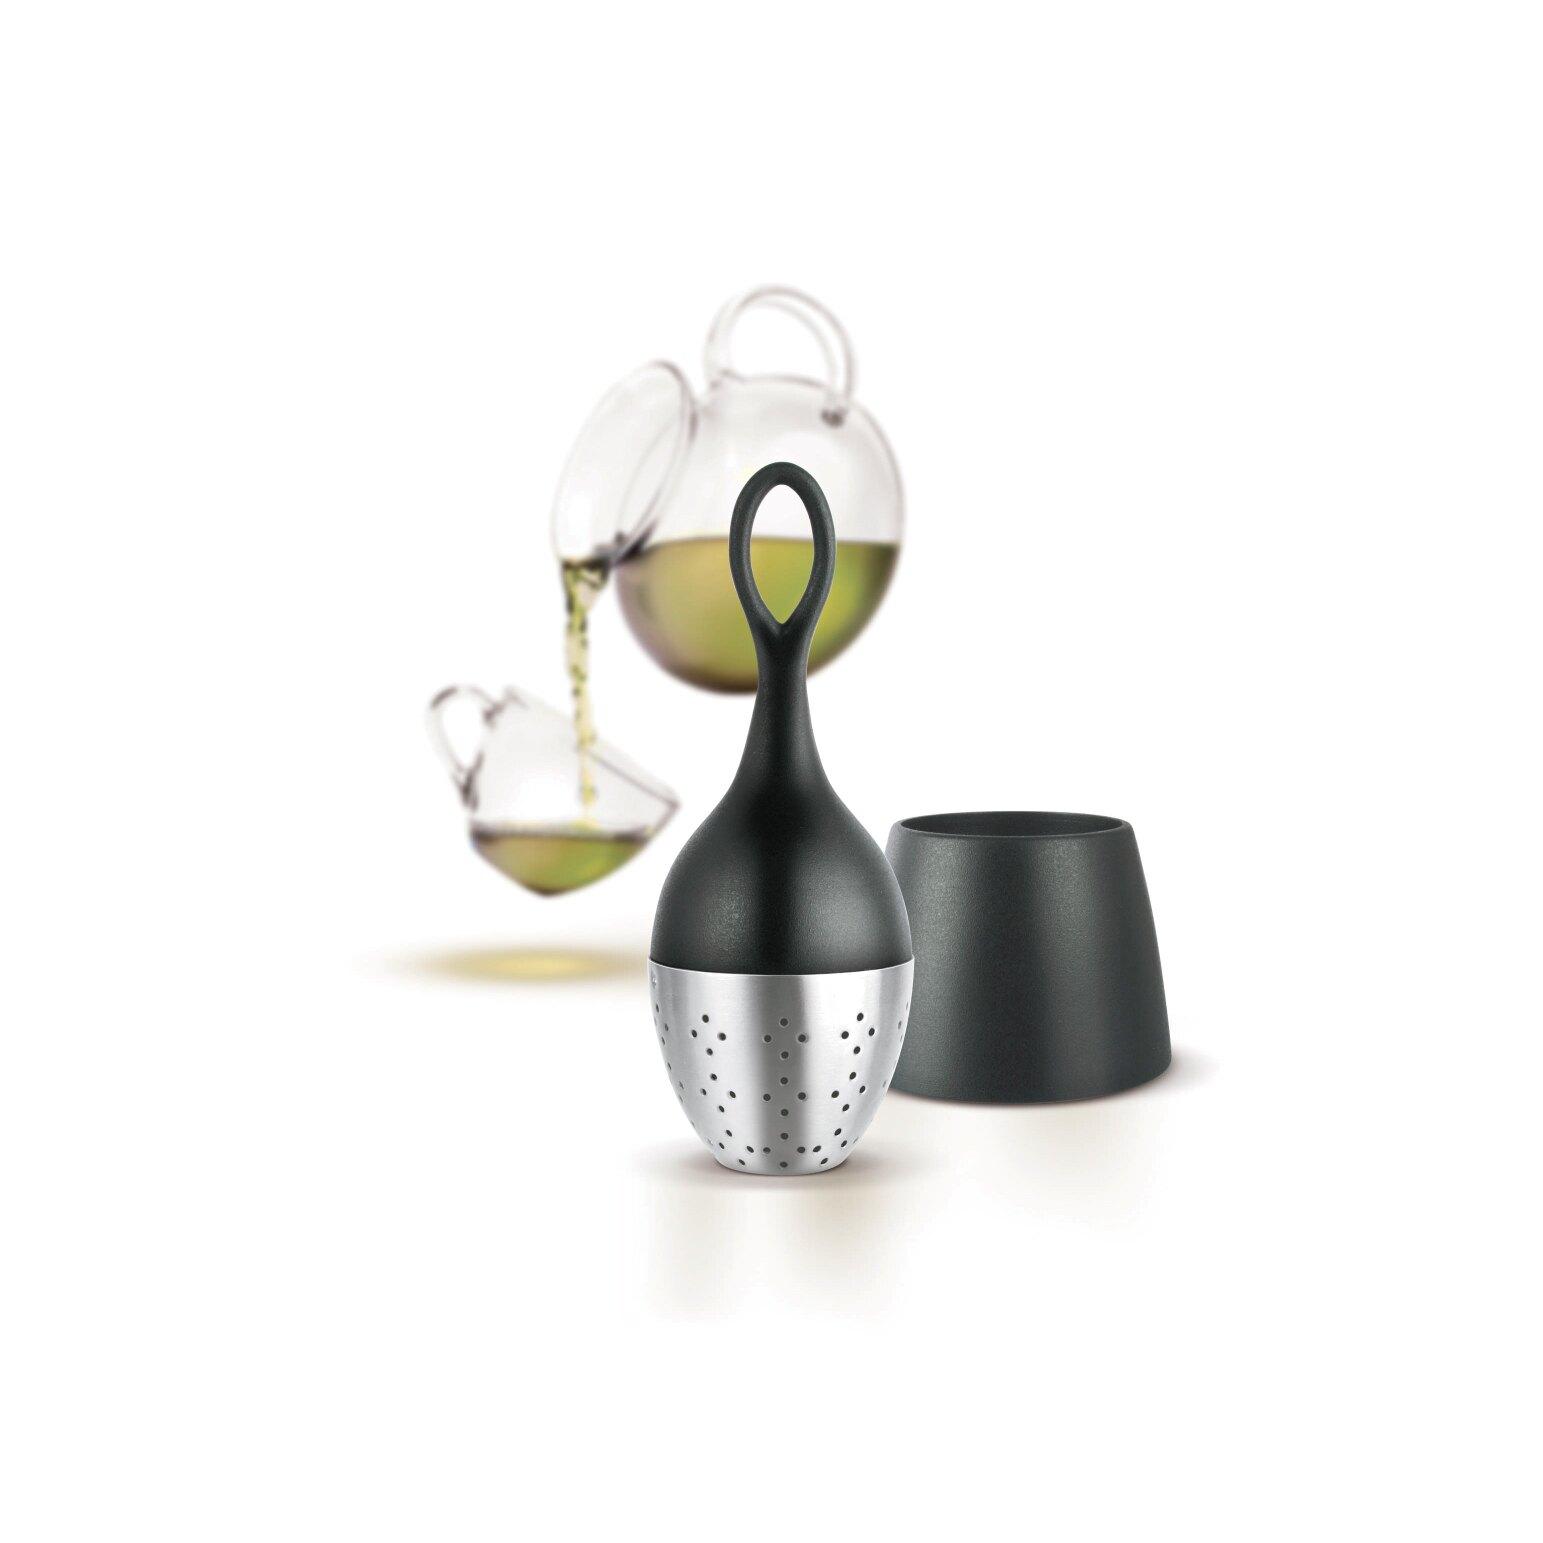 AdHoc 漂浮濾茶器(經典黑)-特殊設計保持漂浮於水面上,方便拿取,底座可銜接茶漬,美國星巴克茶飲店指定款濾茶器,德國精品設計